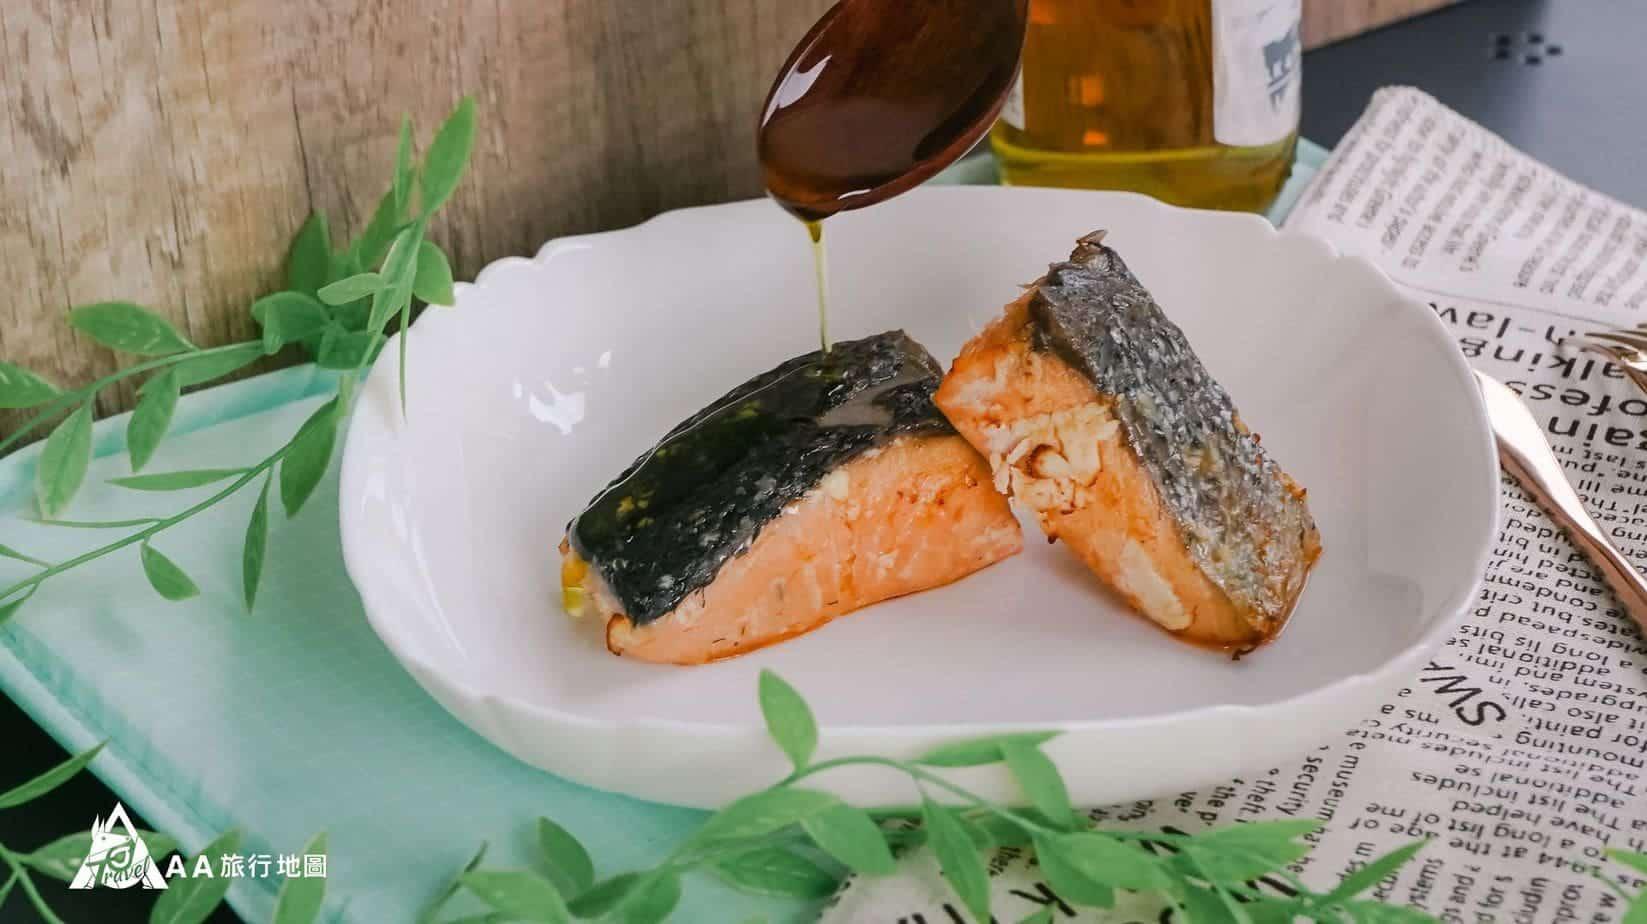 餓貳市場 富含DHA的鮭魚, Aa 還是喜歡來點油